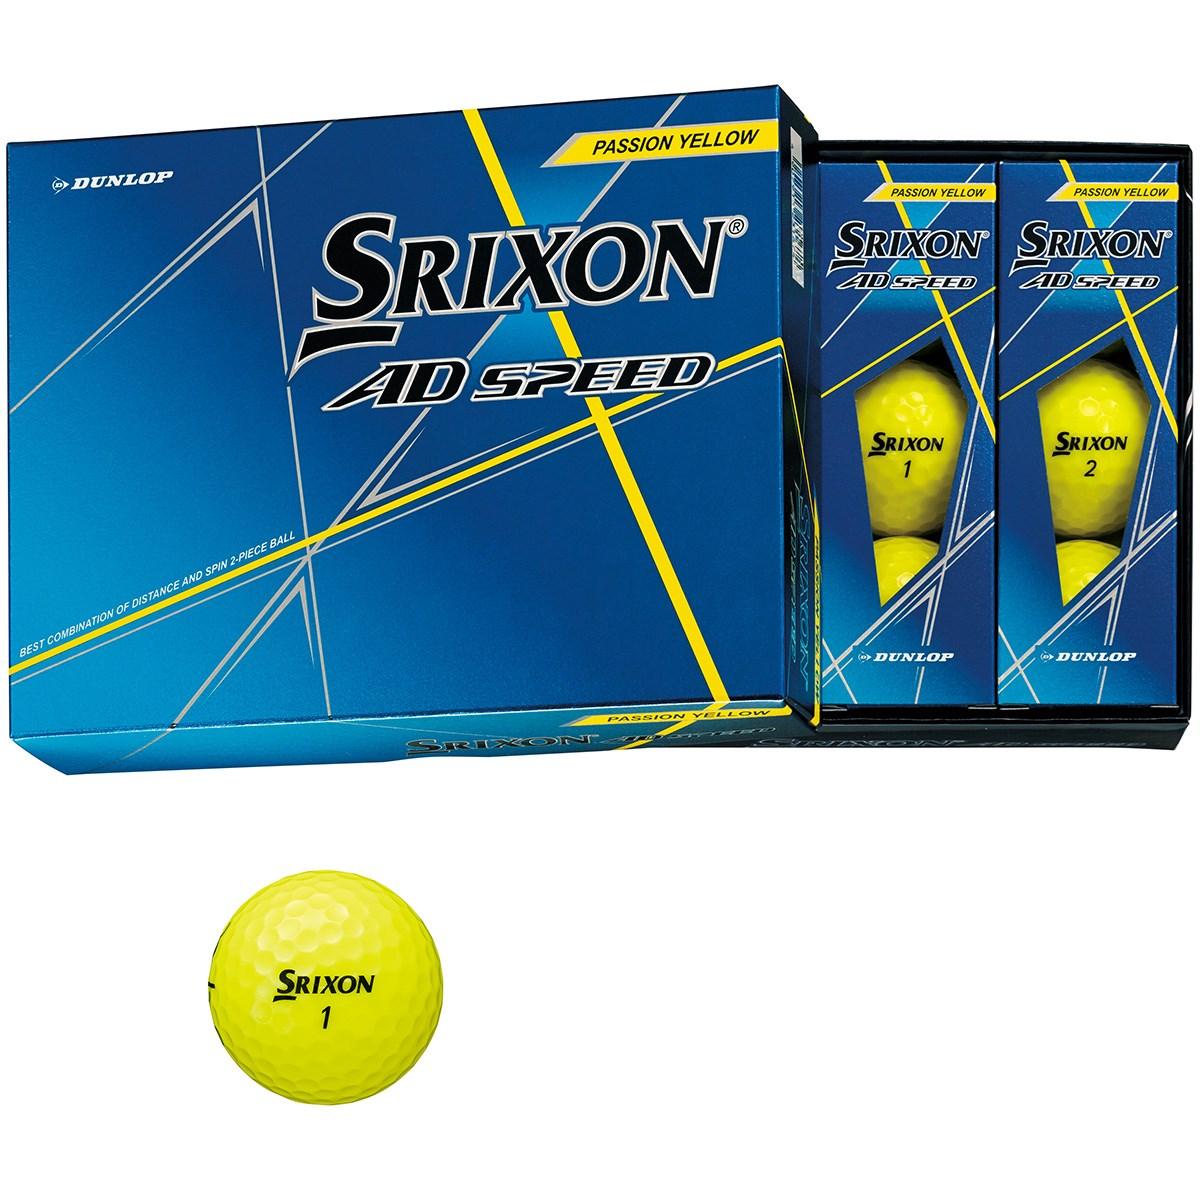 ダンロップ SRIXON スリクソン AD SPEED ボール 1ダース(12個入り) パッションイエロー